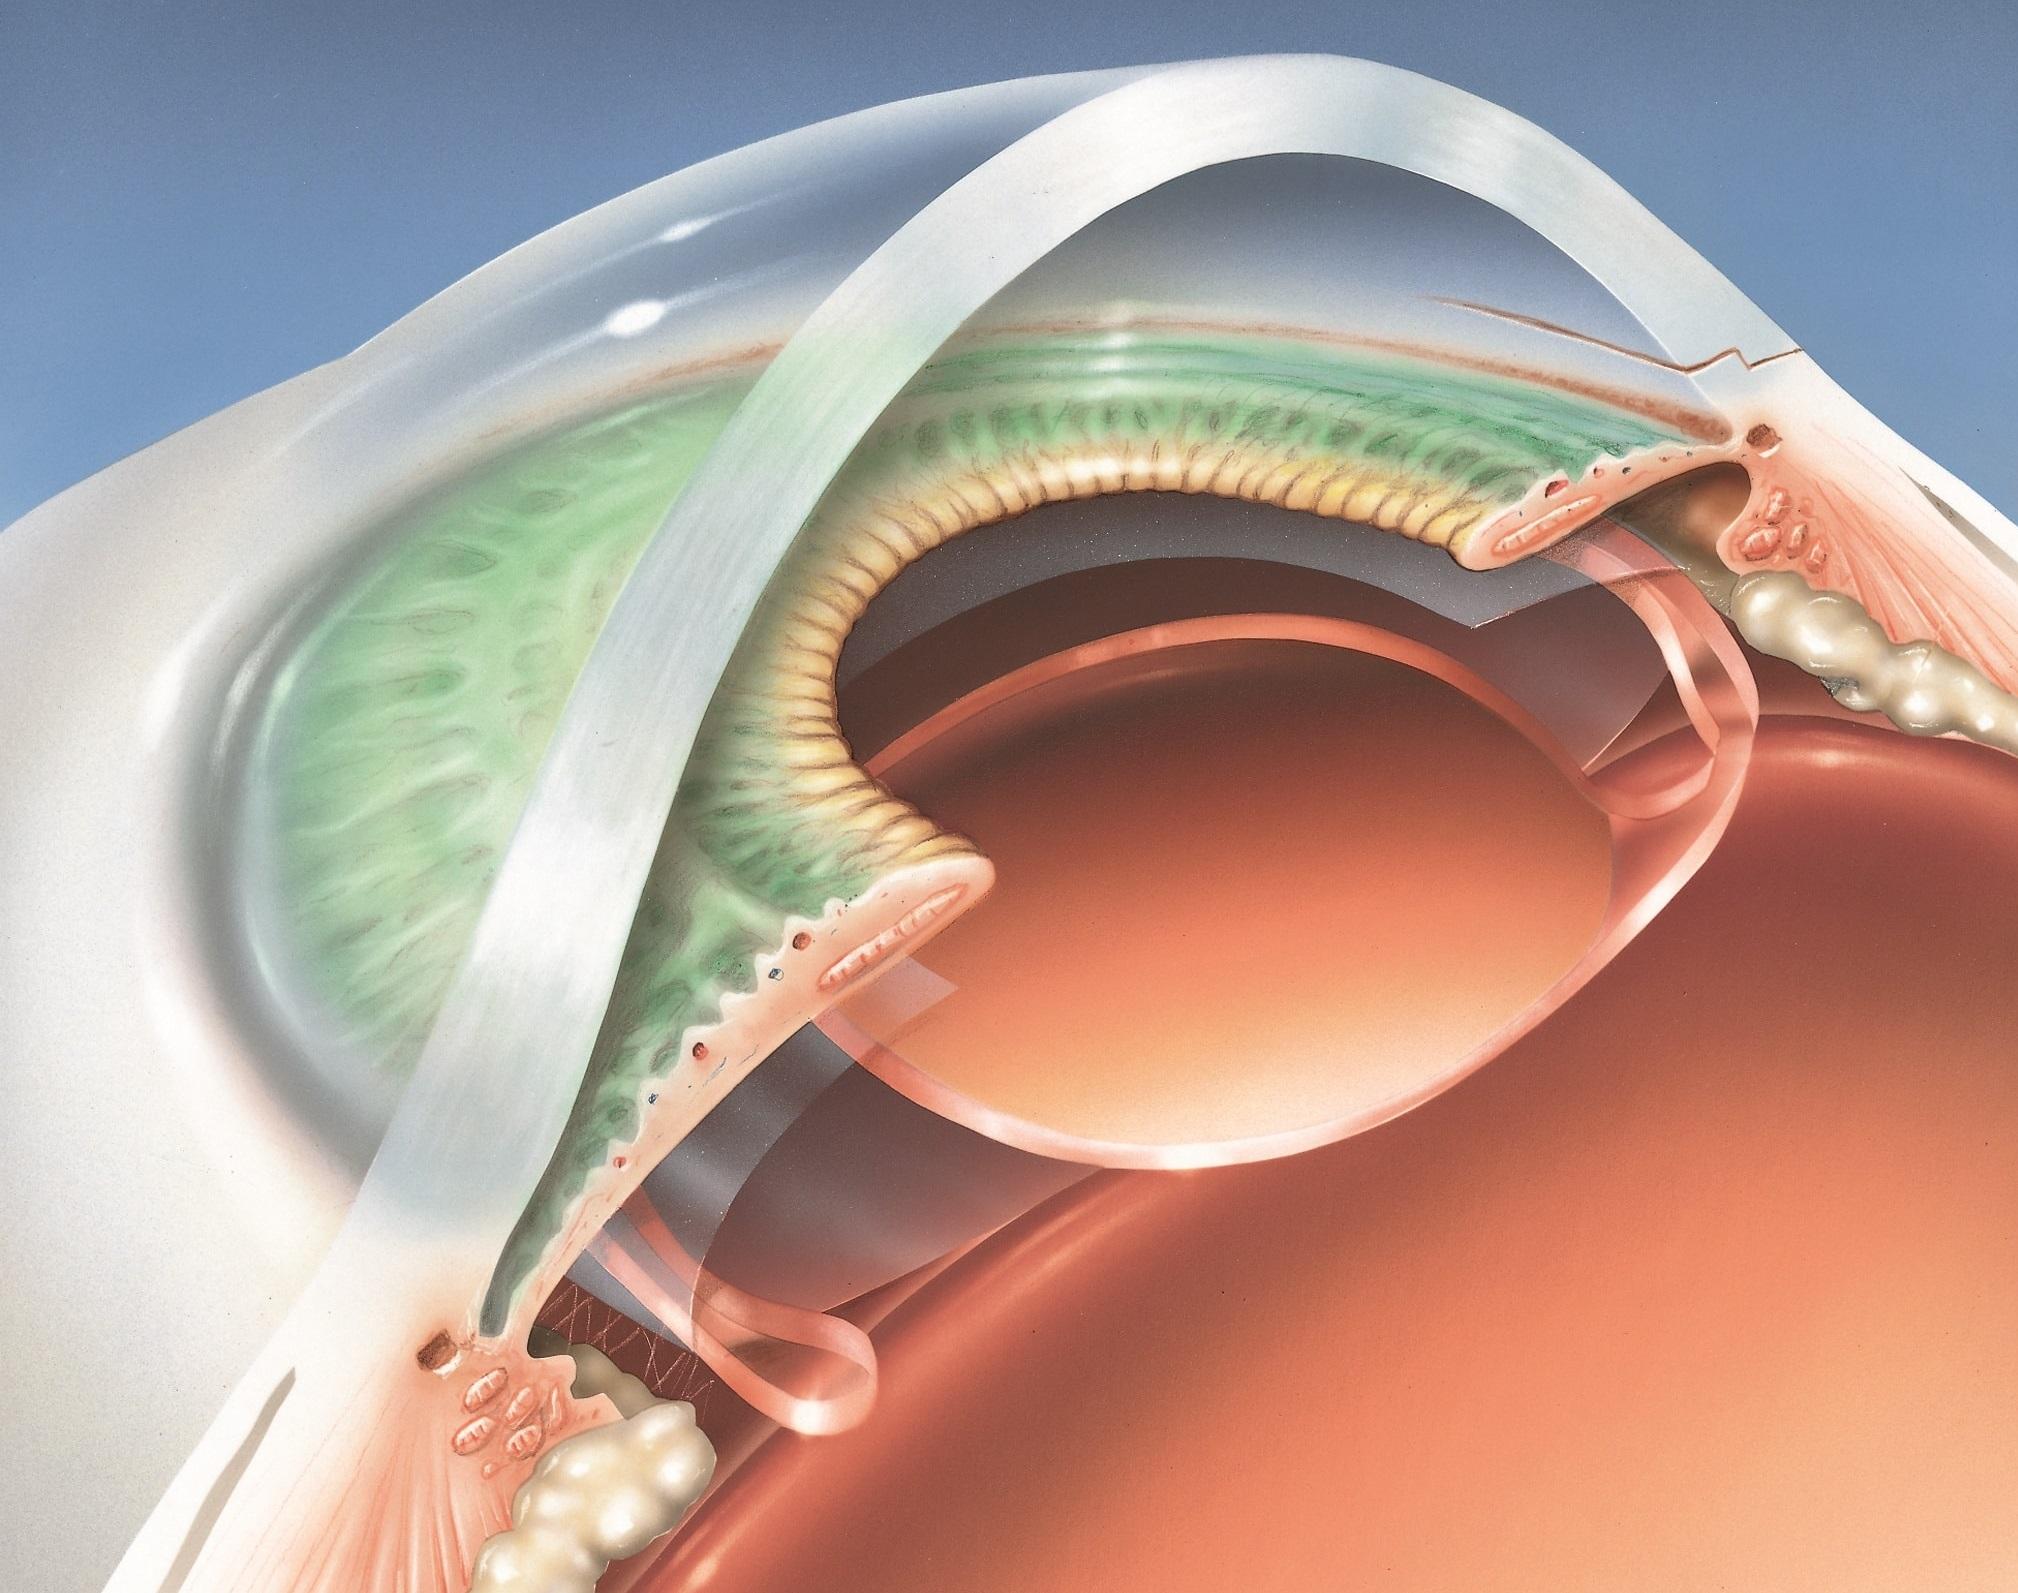 Cataract Surgery - Applecross Eye Clinic